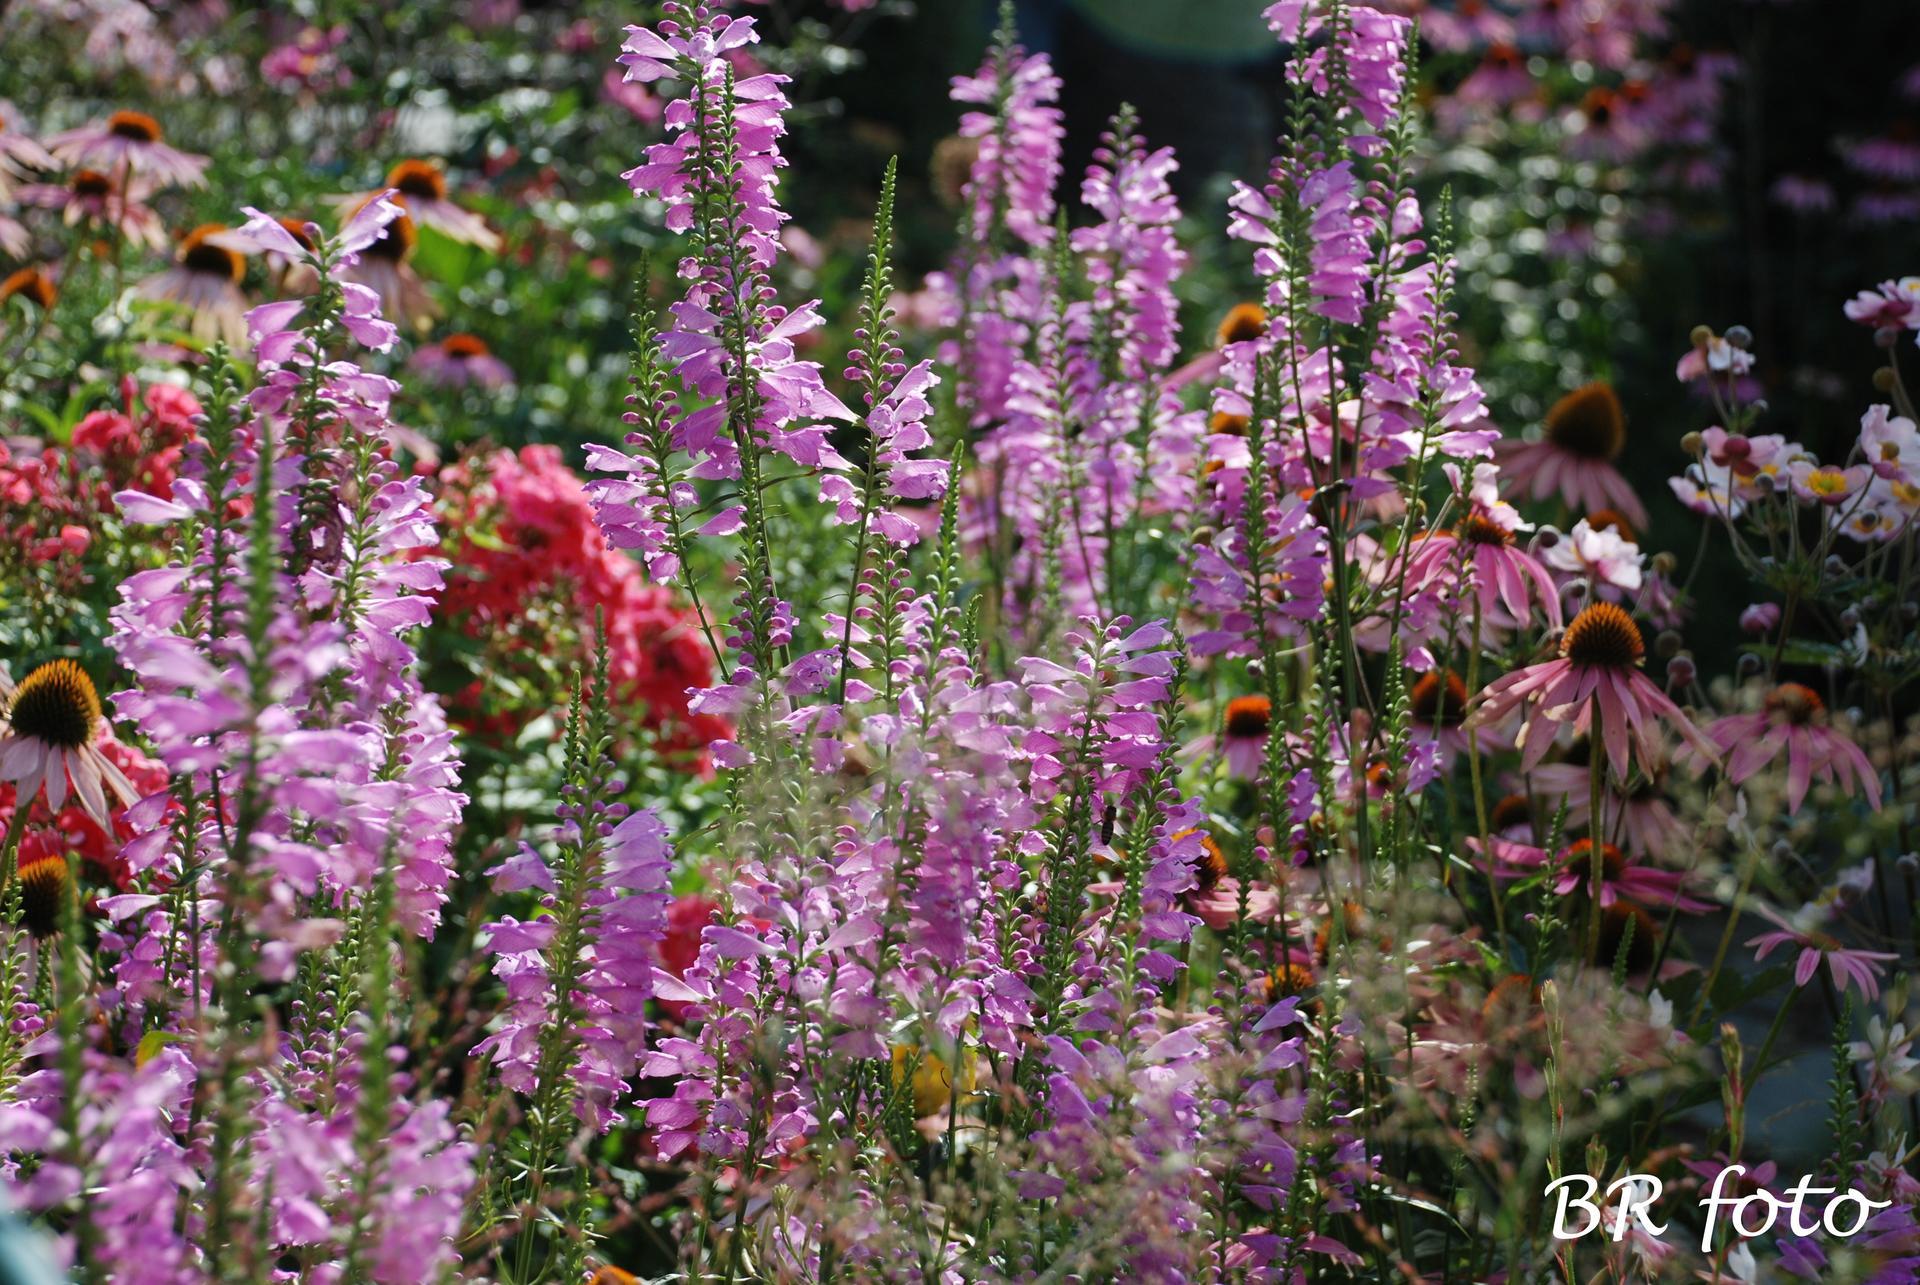 Zahrada v létě - řetězovka viržinská